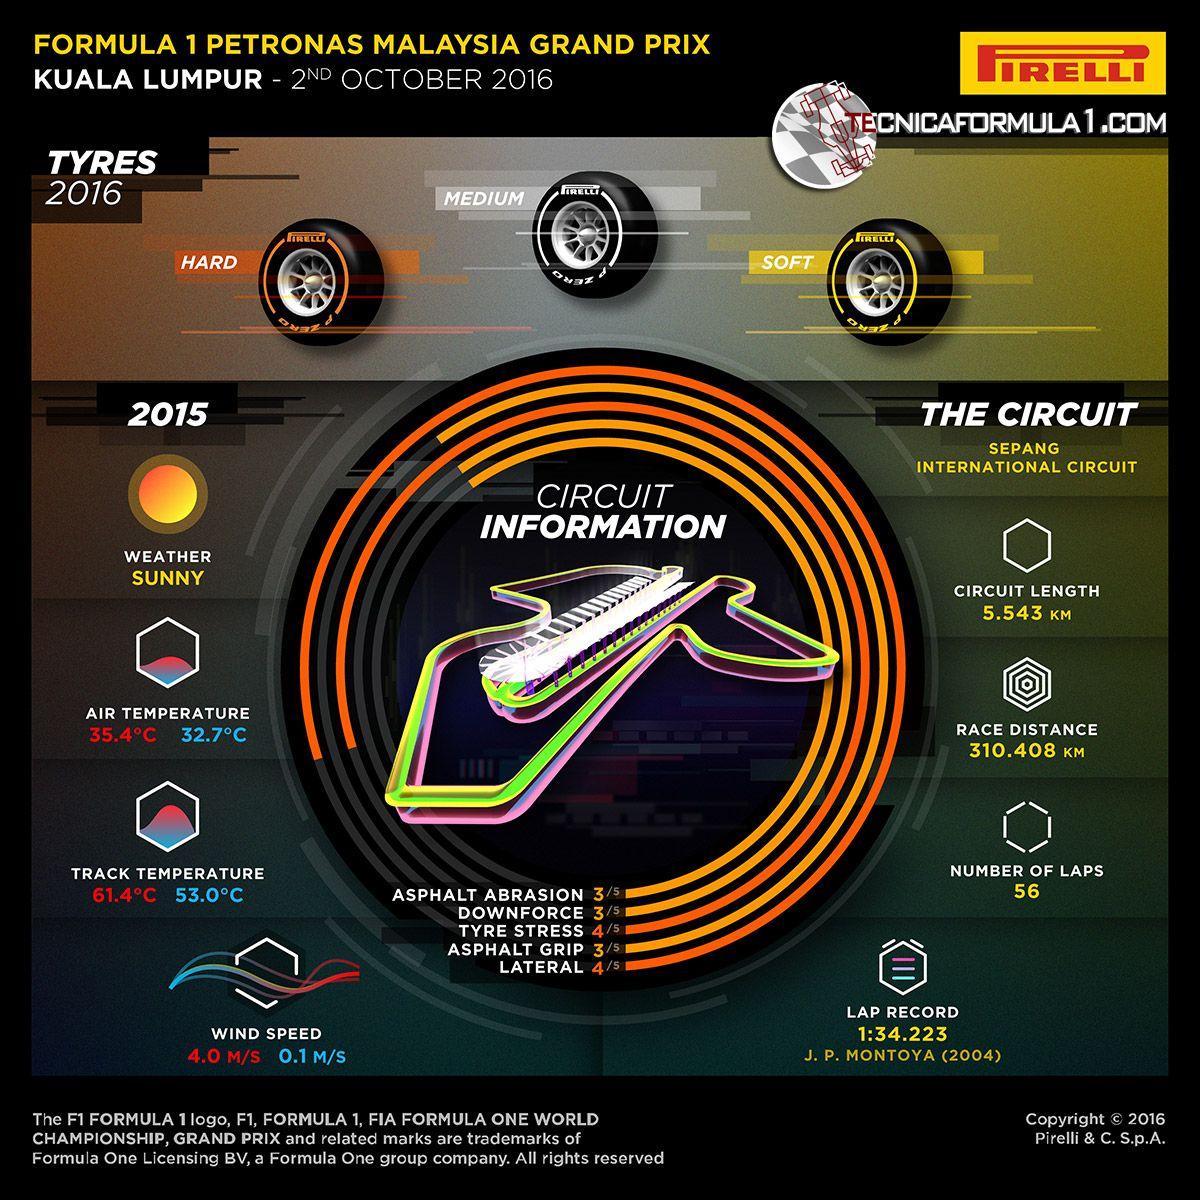 La preview della Pirelli della gara di Sepang (foto da: tecnicaformula1.com)